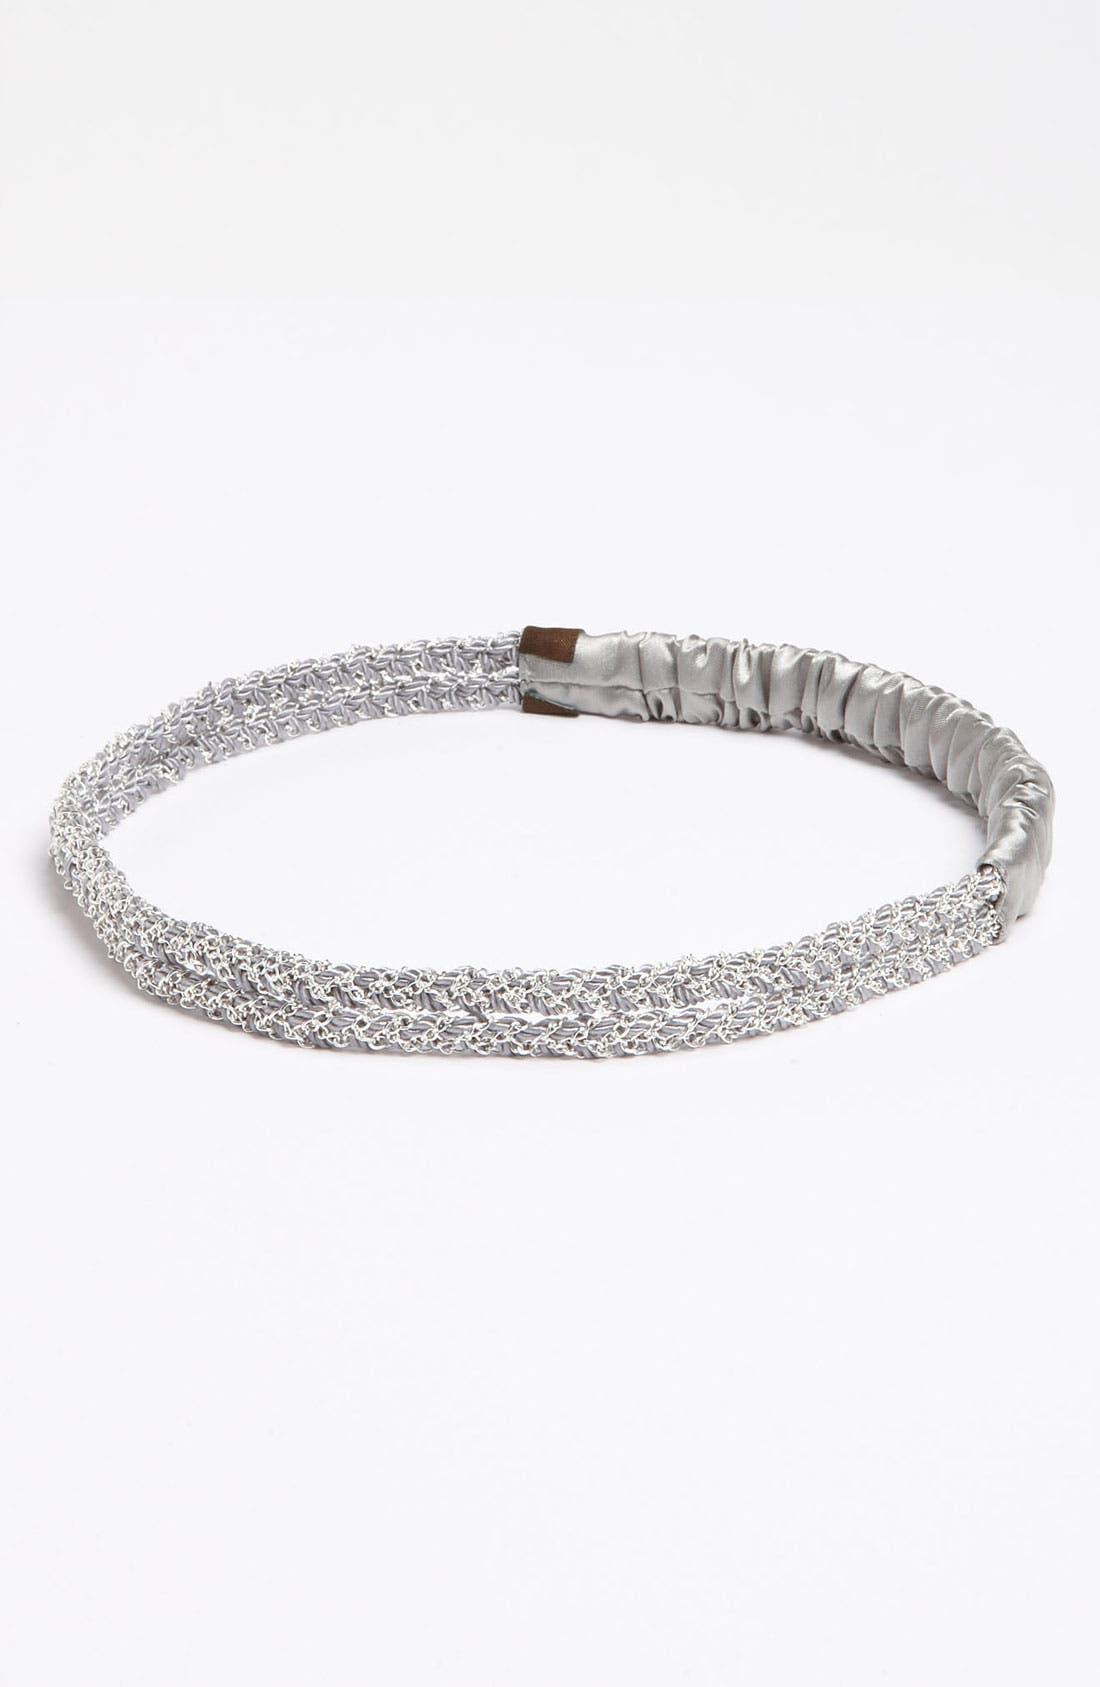 Main Image - Tasha 'Chain Tastic' Double Head Wrap